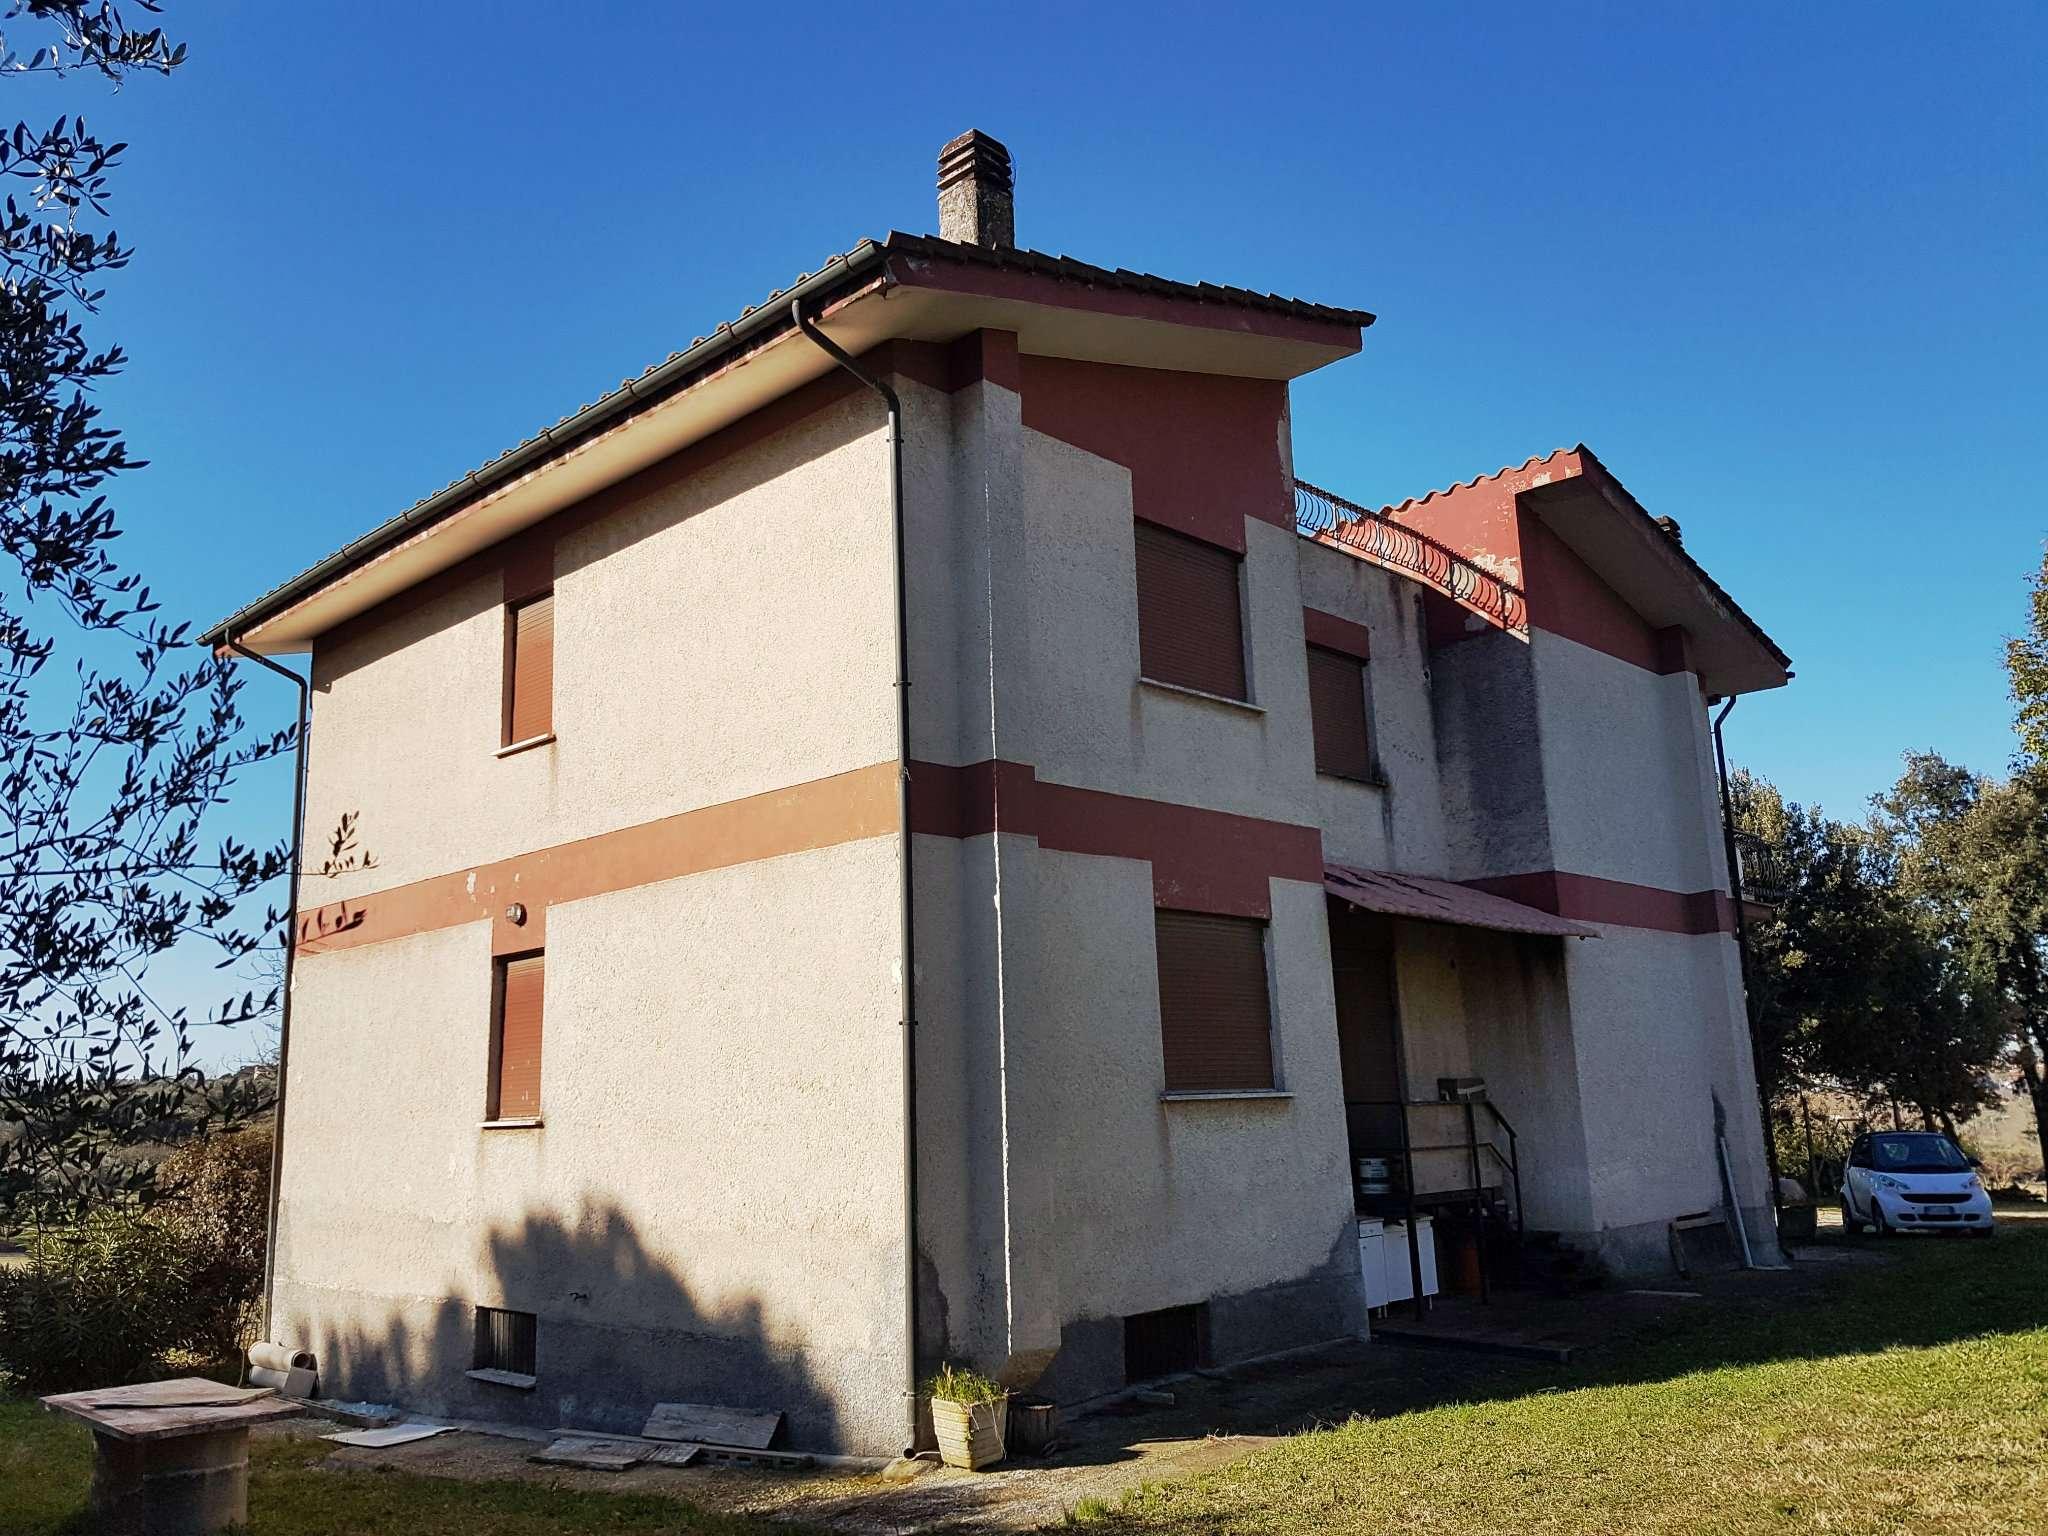 Villa in vendita a Mentana, 6 locali, prezzo € 425.000 | CambioCasa.it